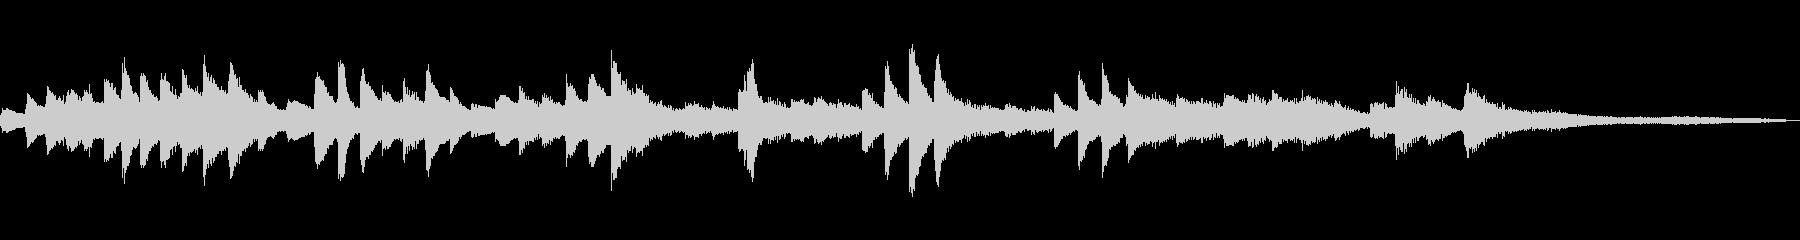 しっとりした和風ジングル46-ピアノソロの未再生の波形